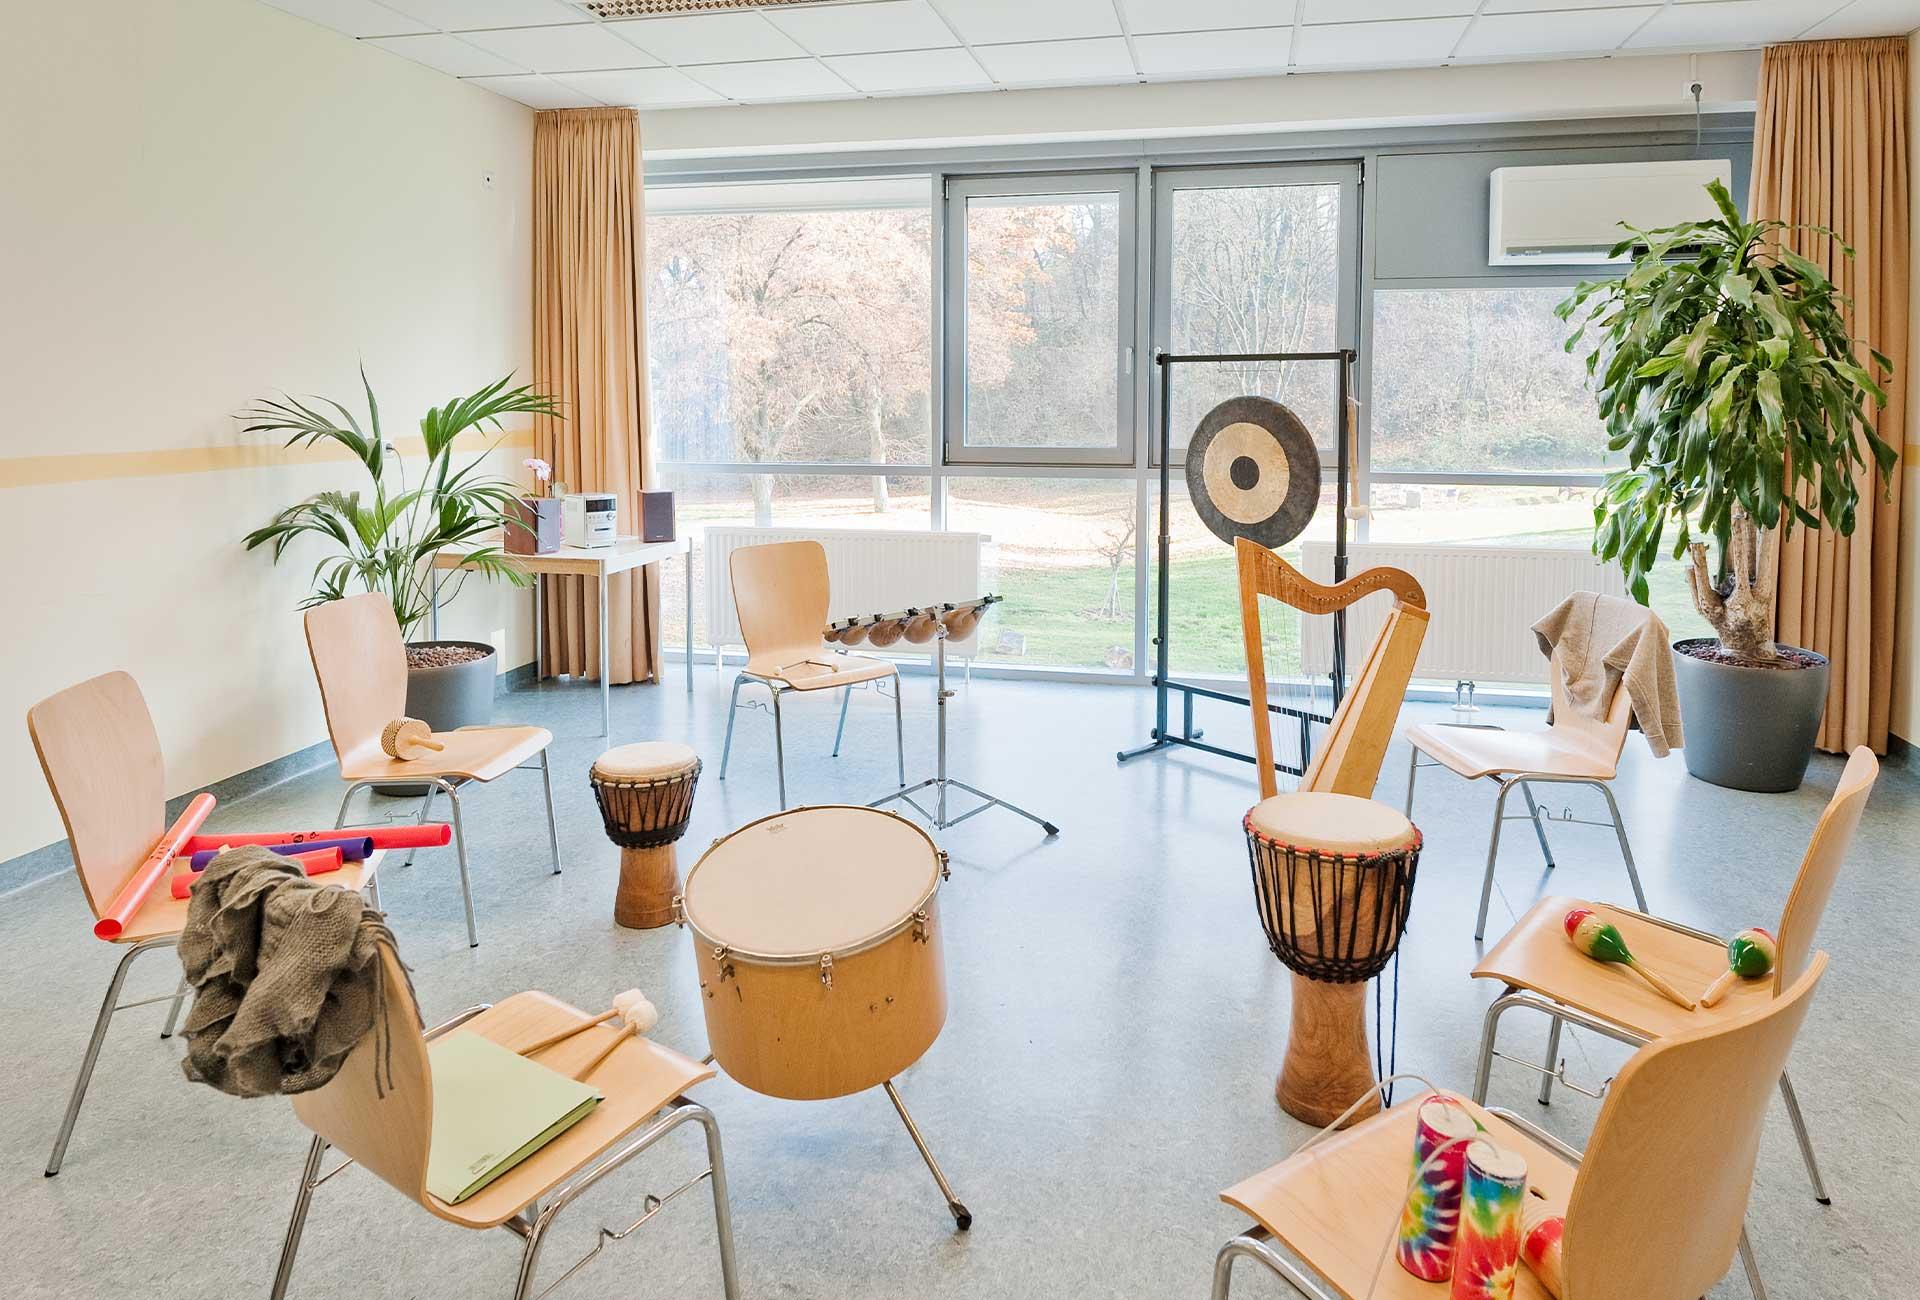 Musiktherapieraum, © Reinhard Podolsky/mediadesign